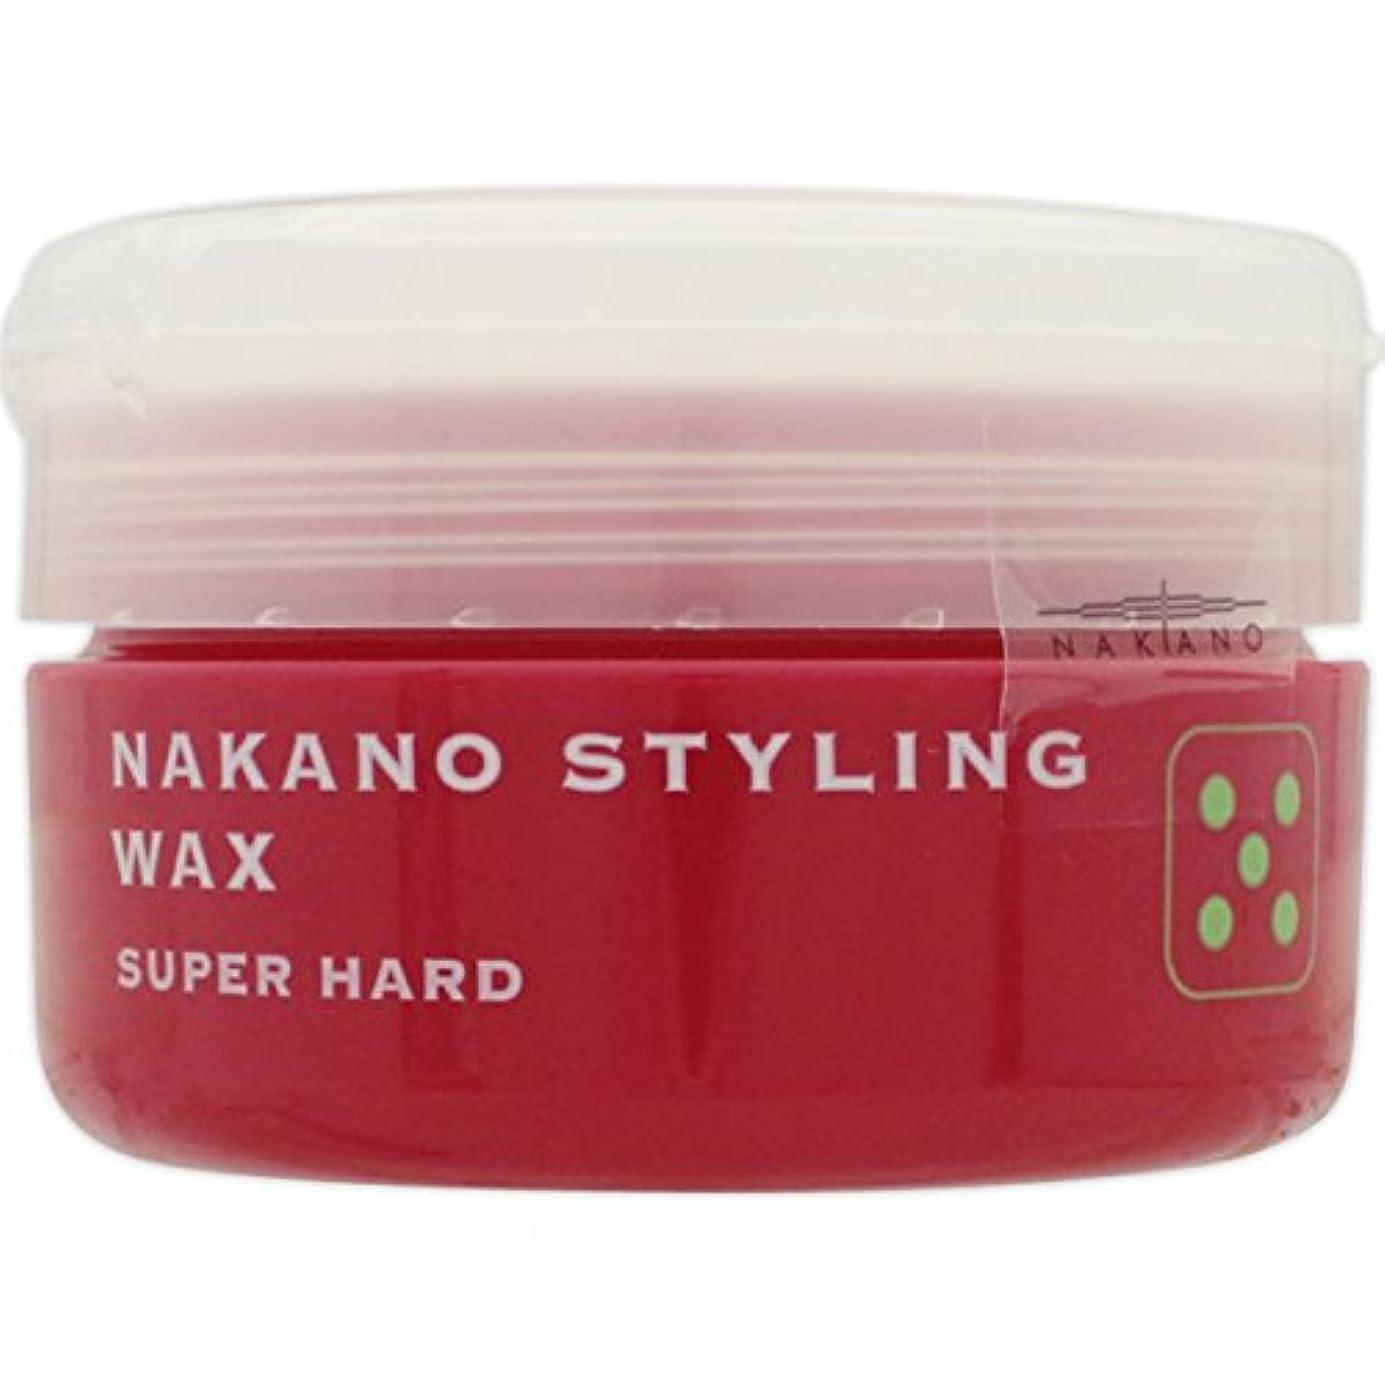 戦略クラッシュ習慣ナカノ スタイリング ワックス 5 スーパーハード 90g